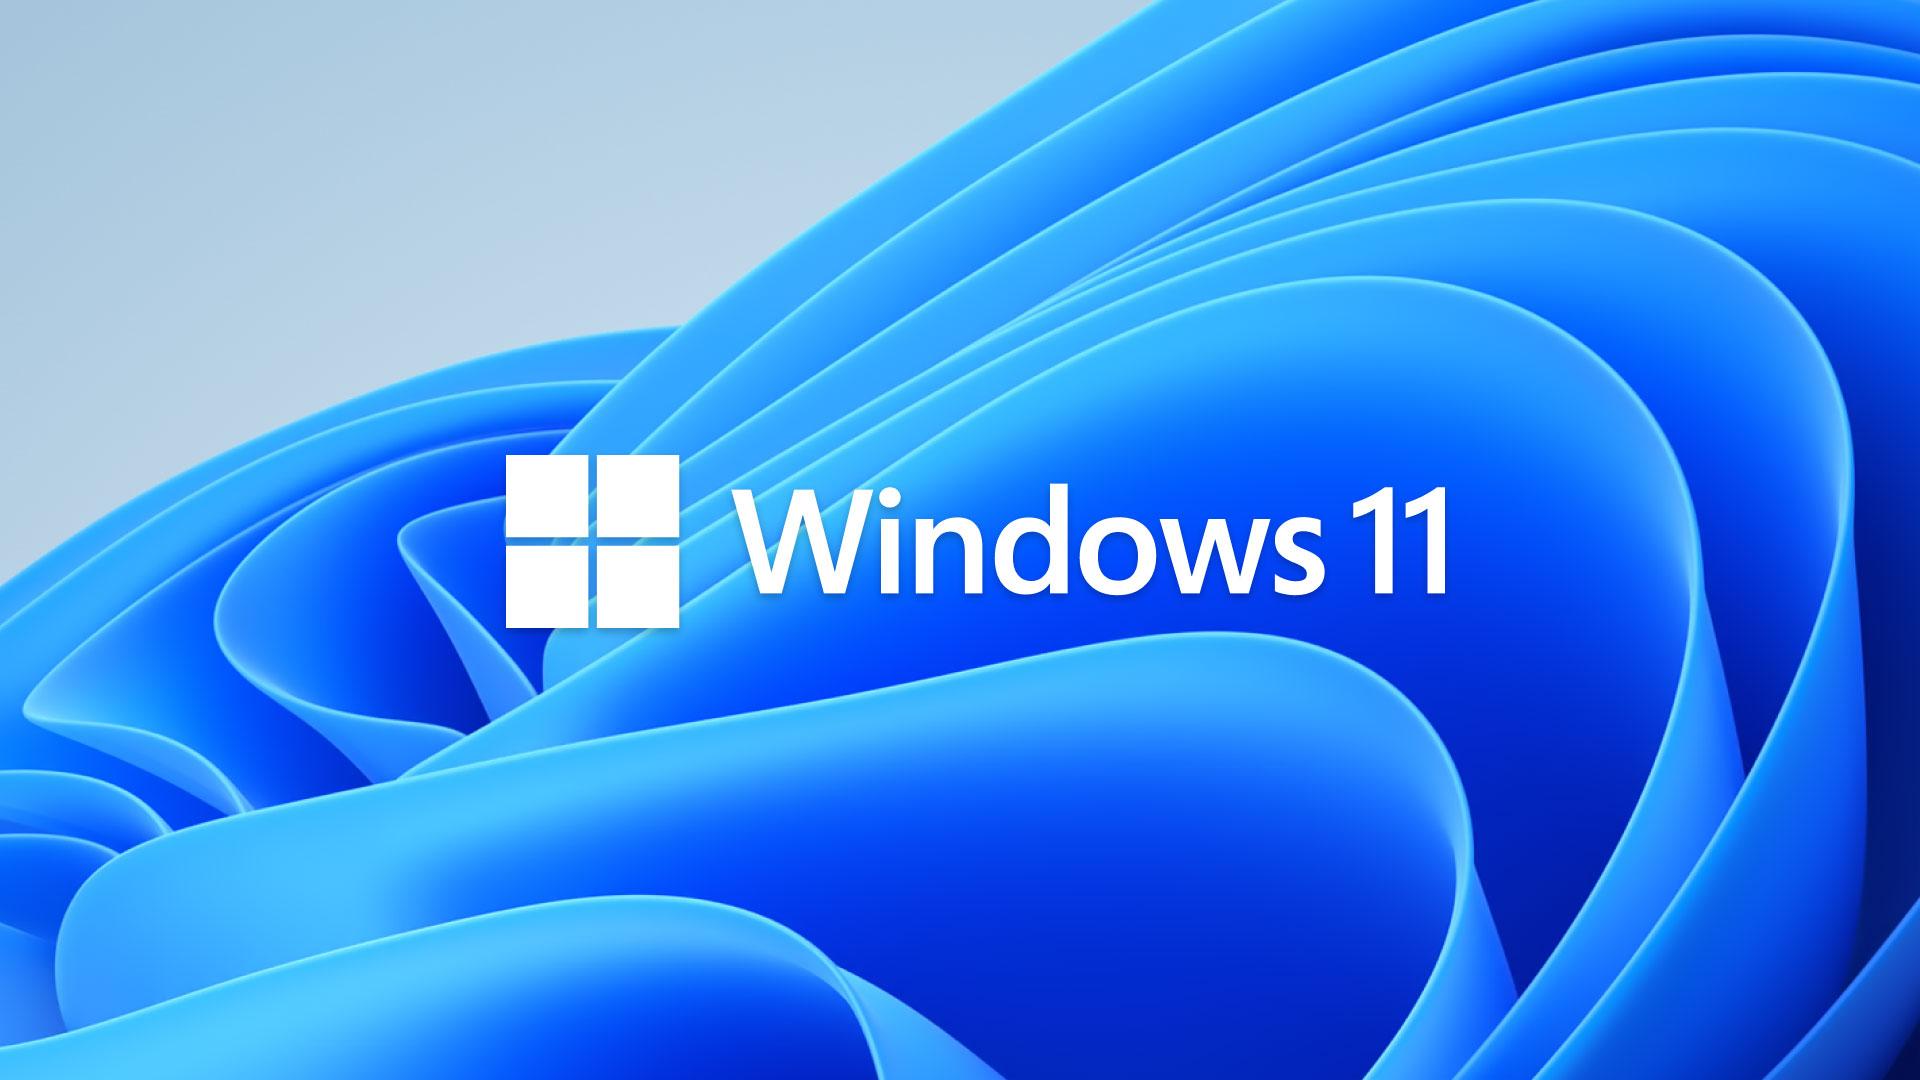 Nový Windows 11 už dostupný. Ako ho získať?